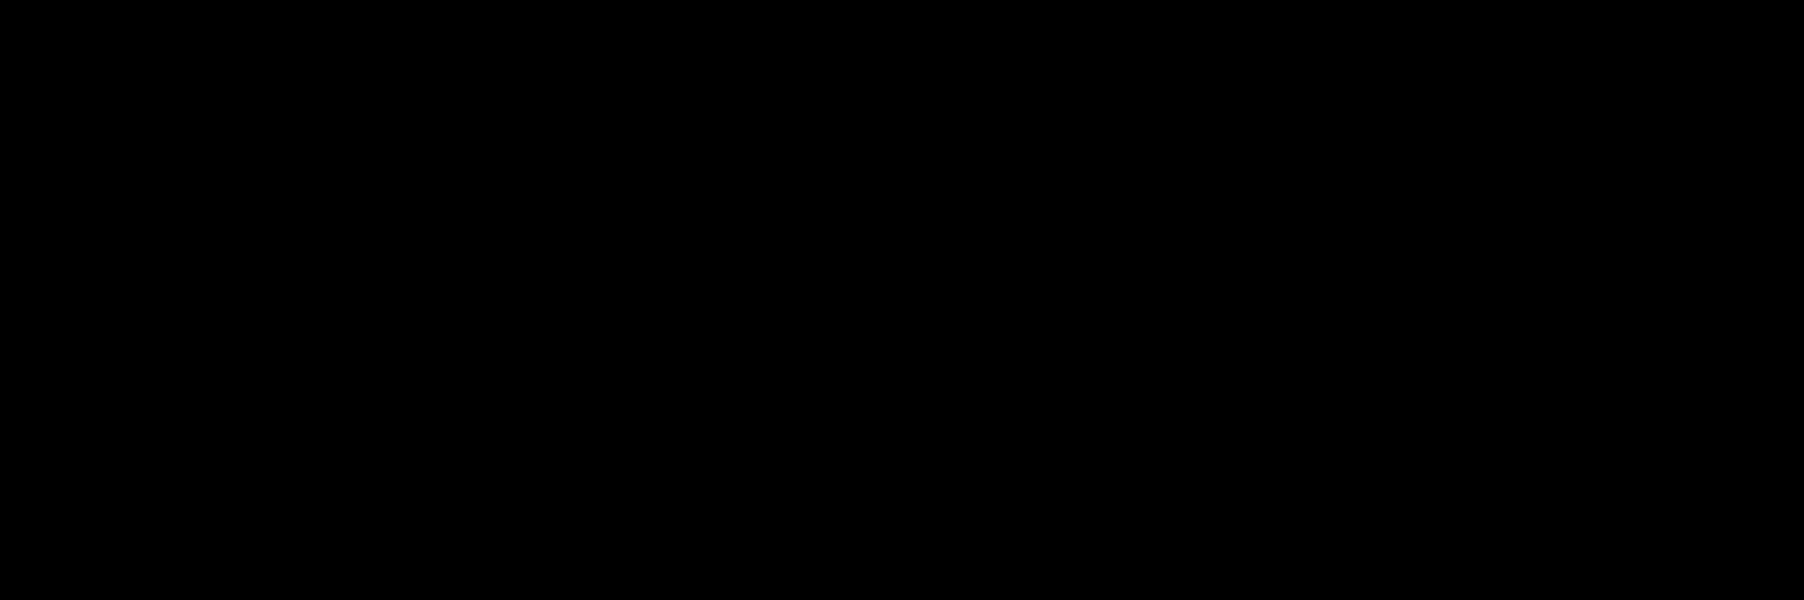 Symbole 30 Grad Schonwaschgang, kein Trockner, leicht bügeln